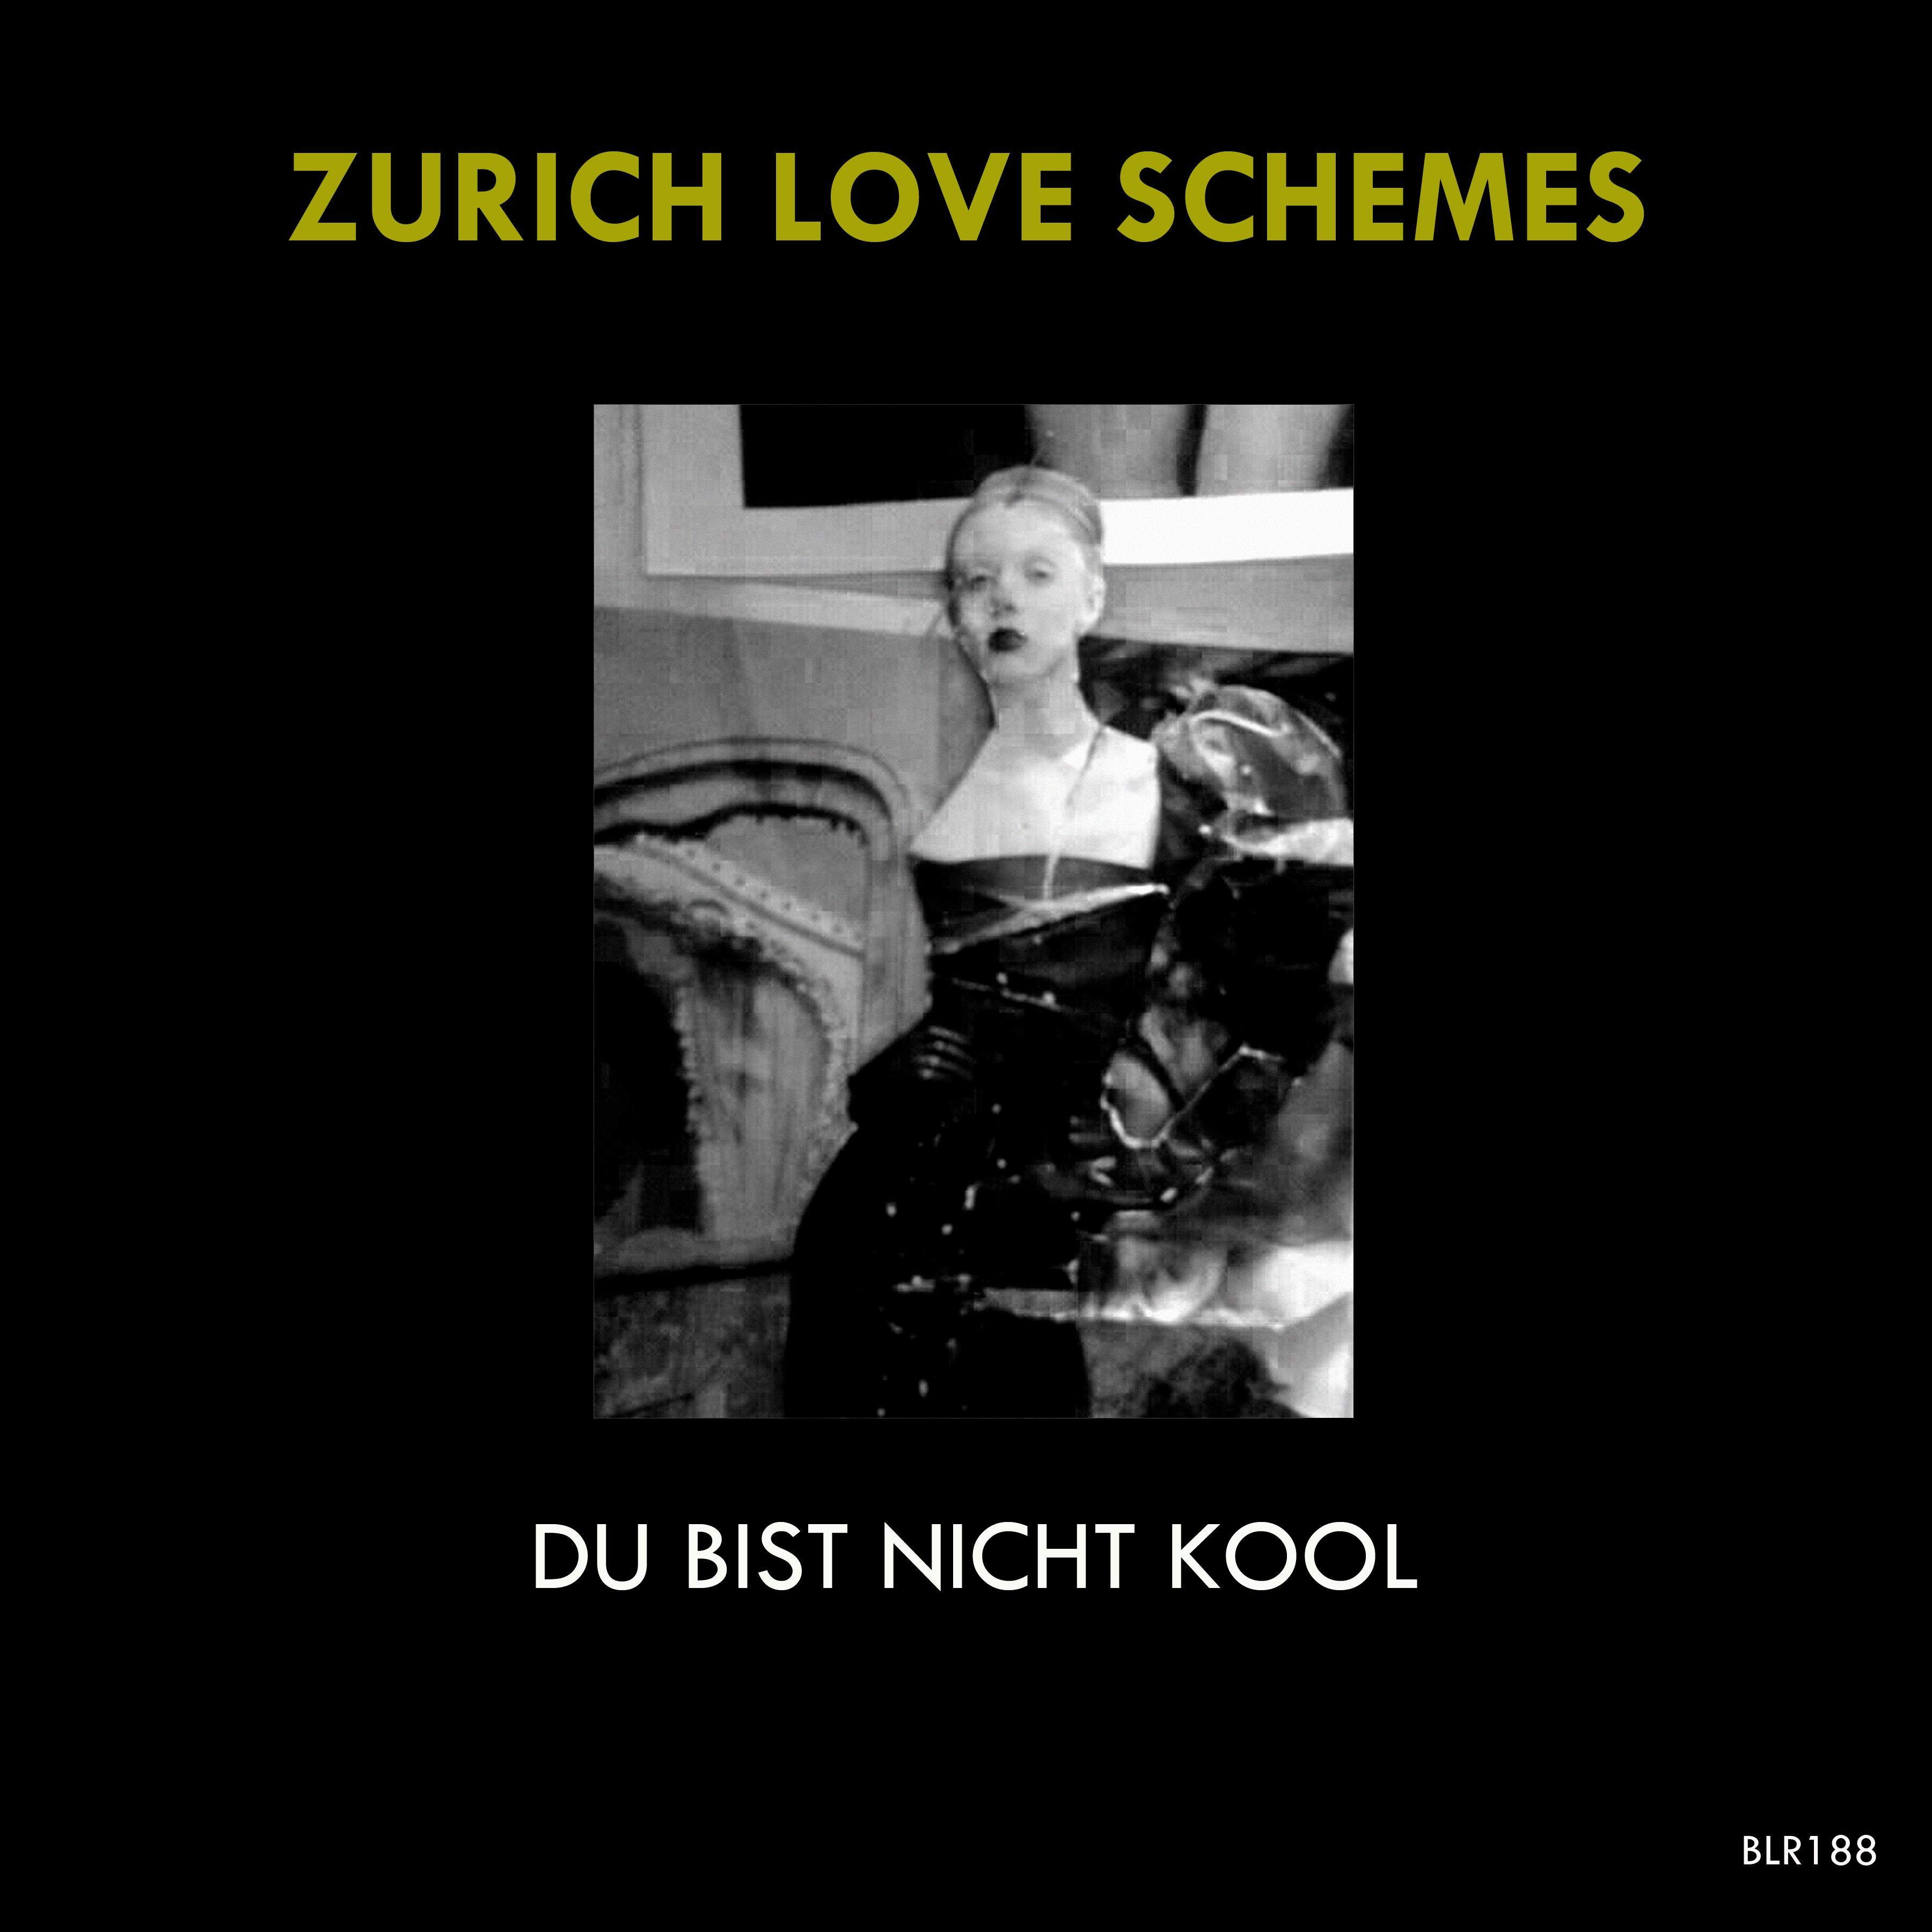 Zurich Love Schemes - Du Bist Nicht Kool (Original Mix)